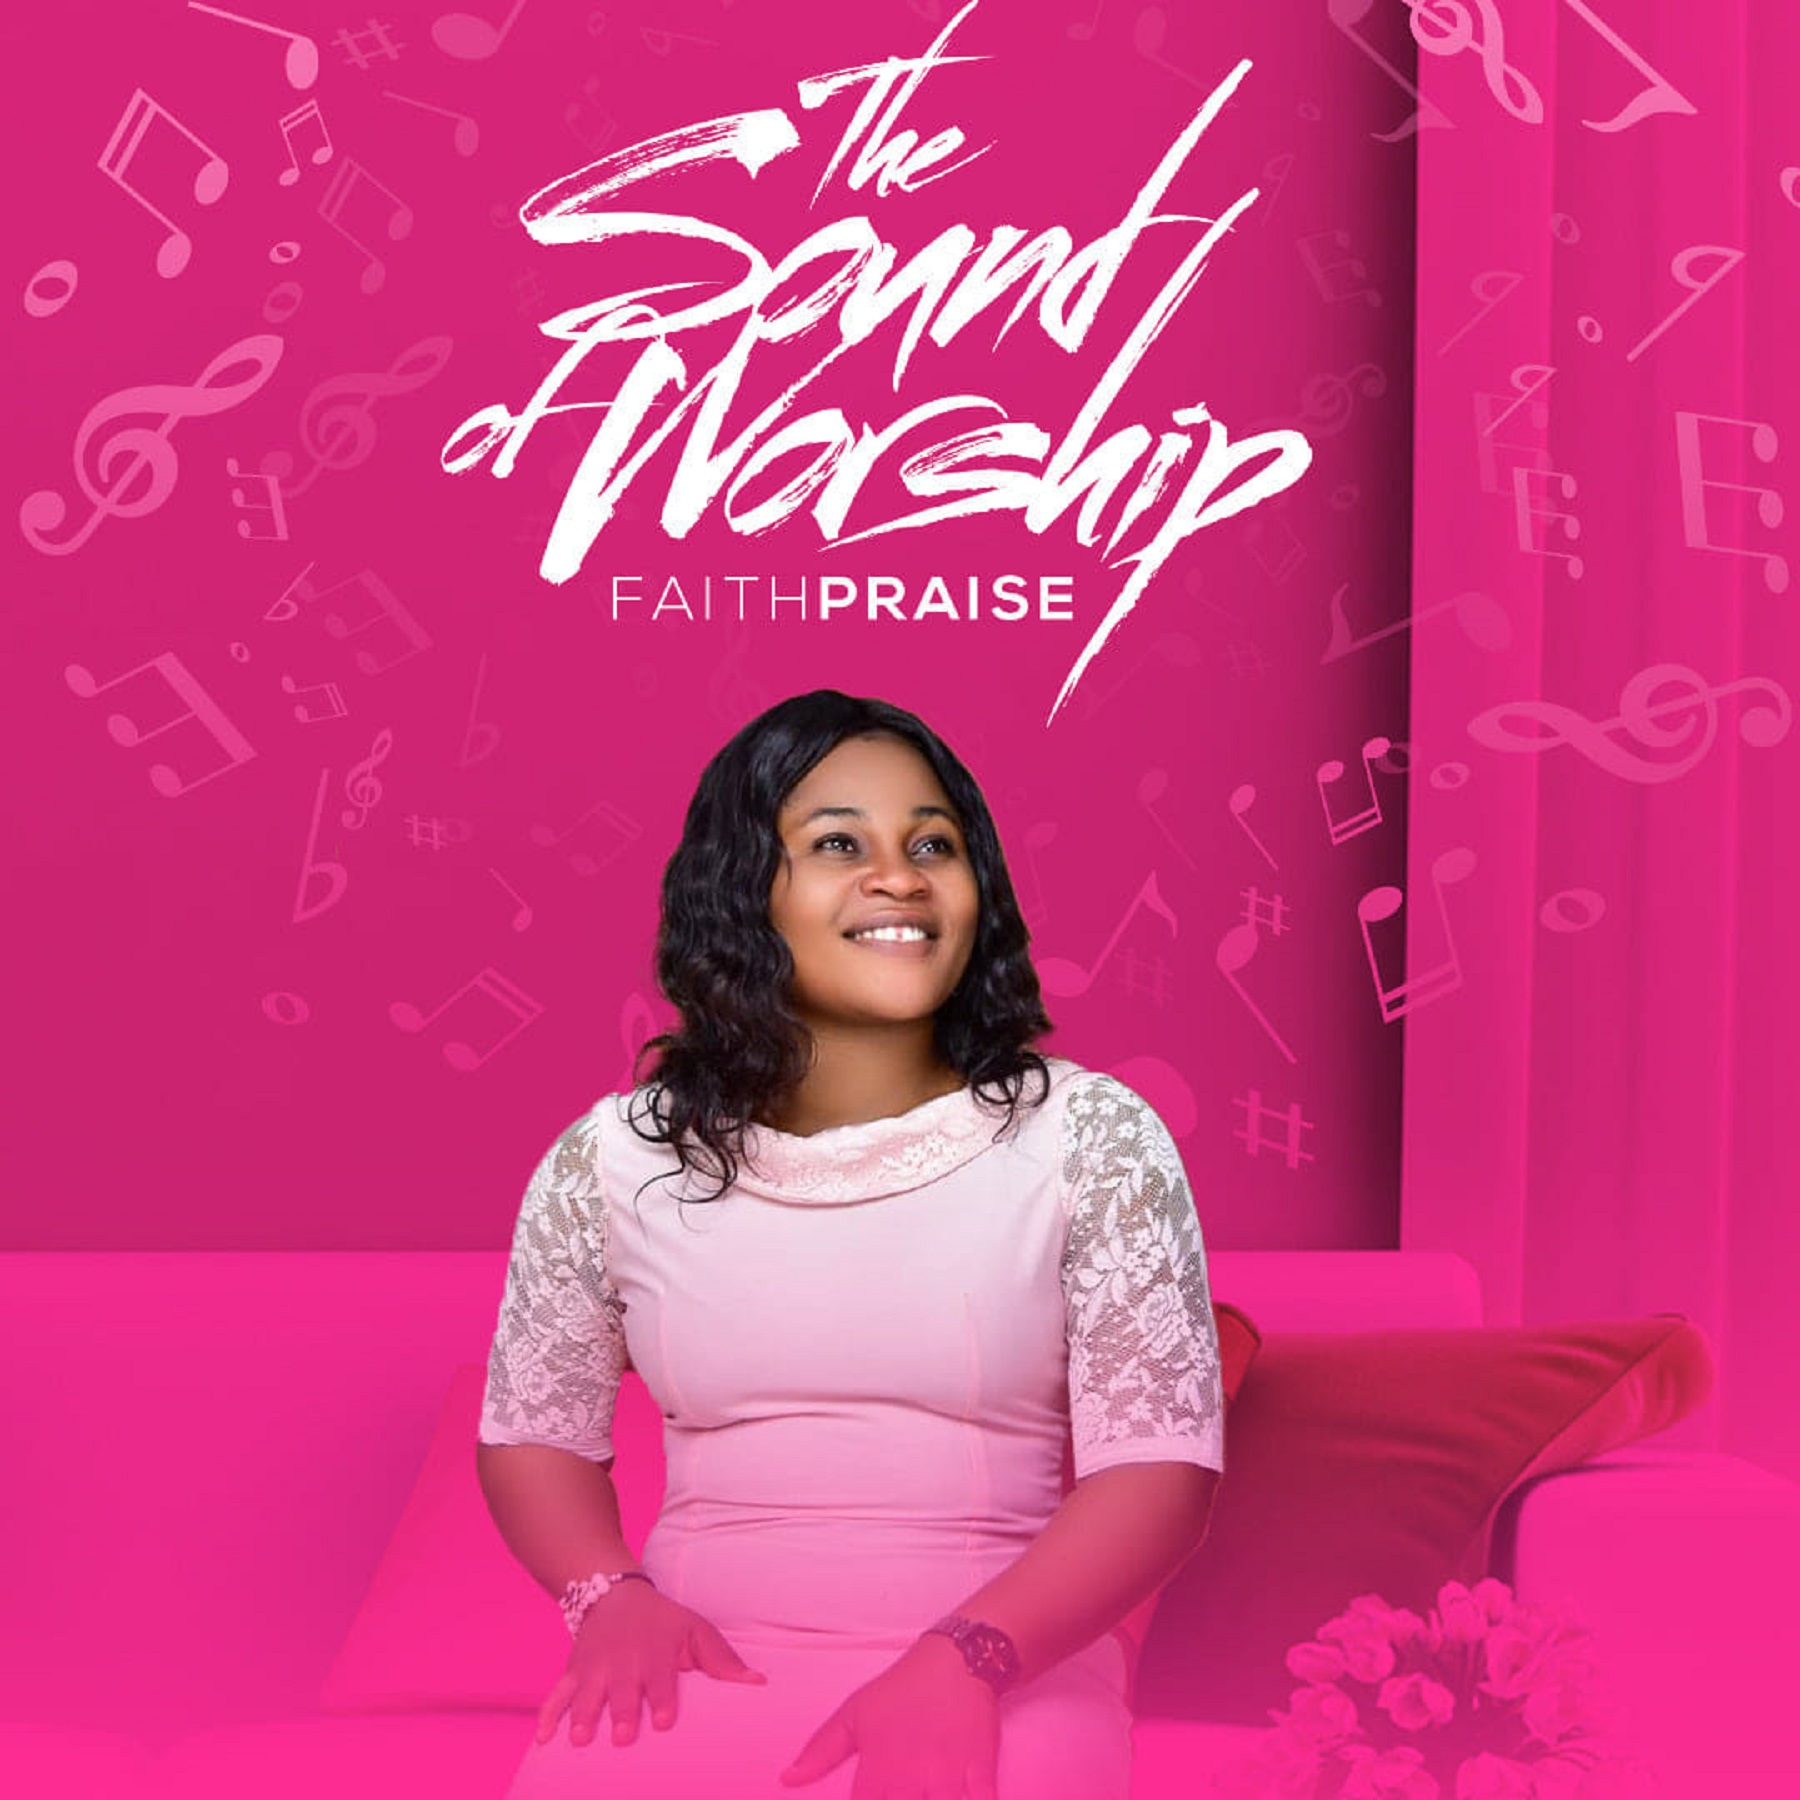 Faithpraise Sound Of Worship